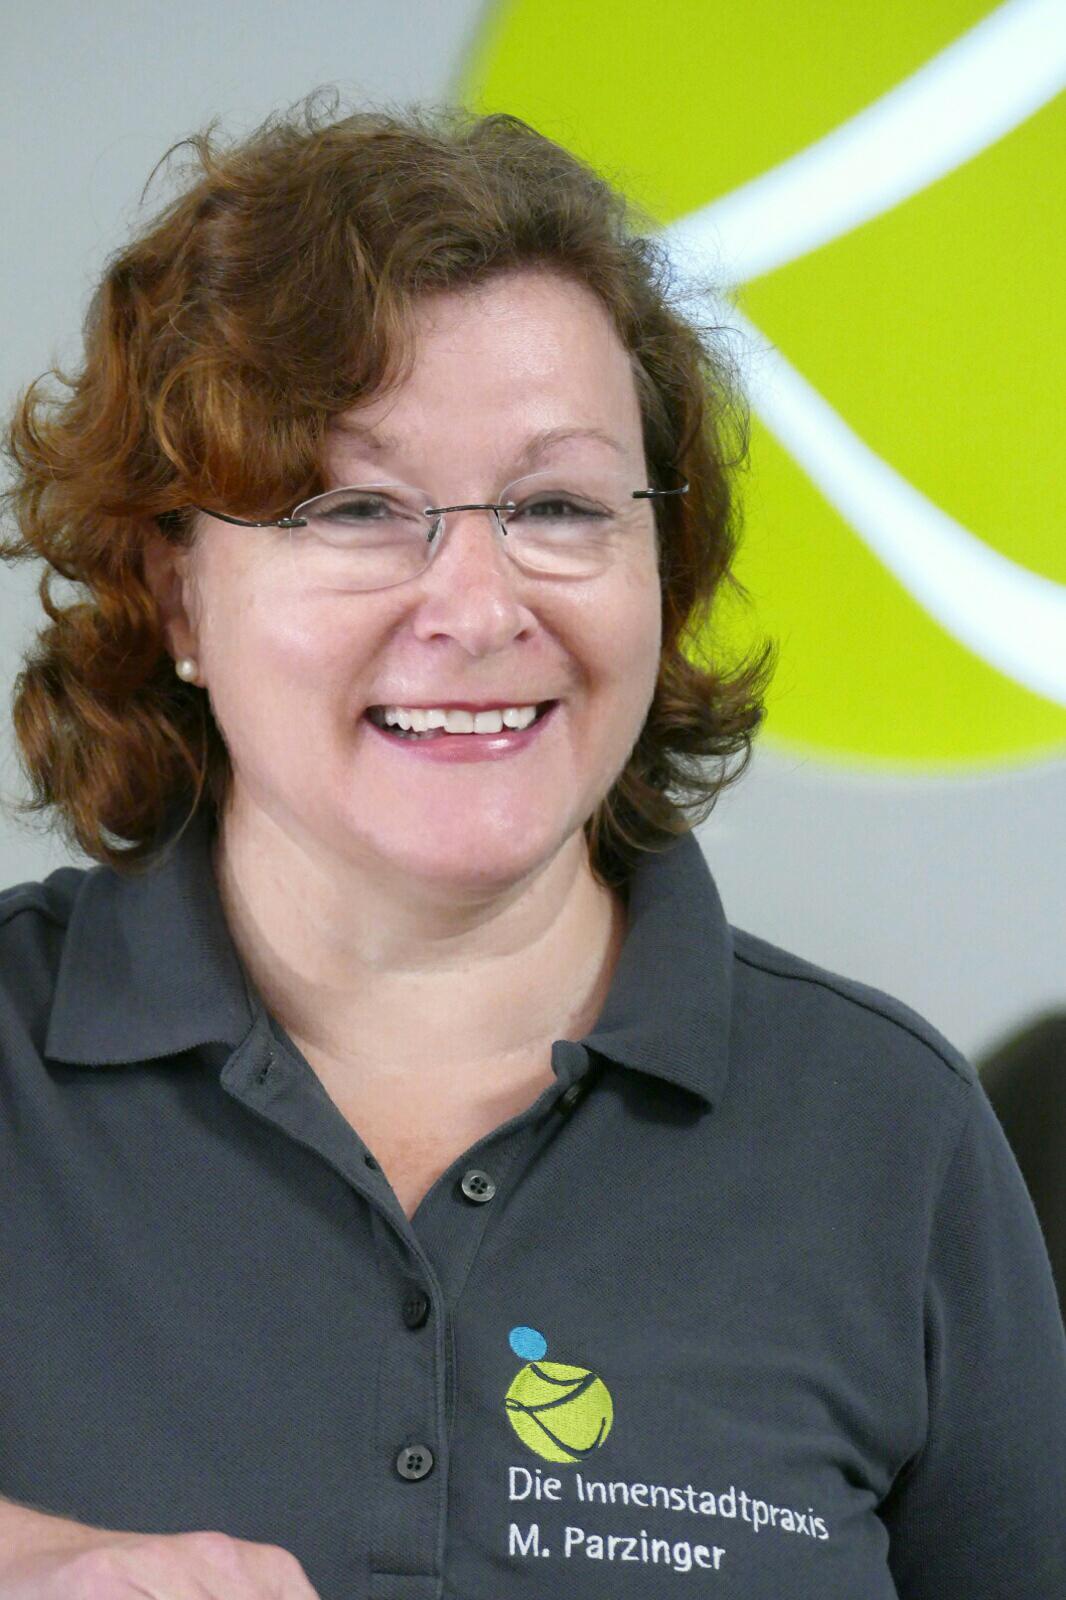 Maria Parzinger